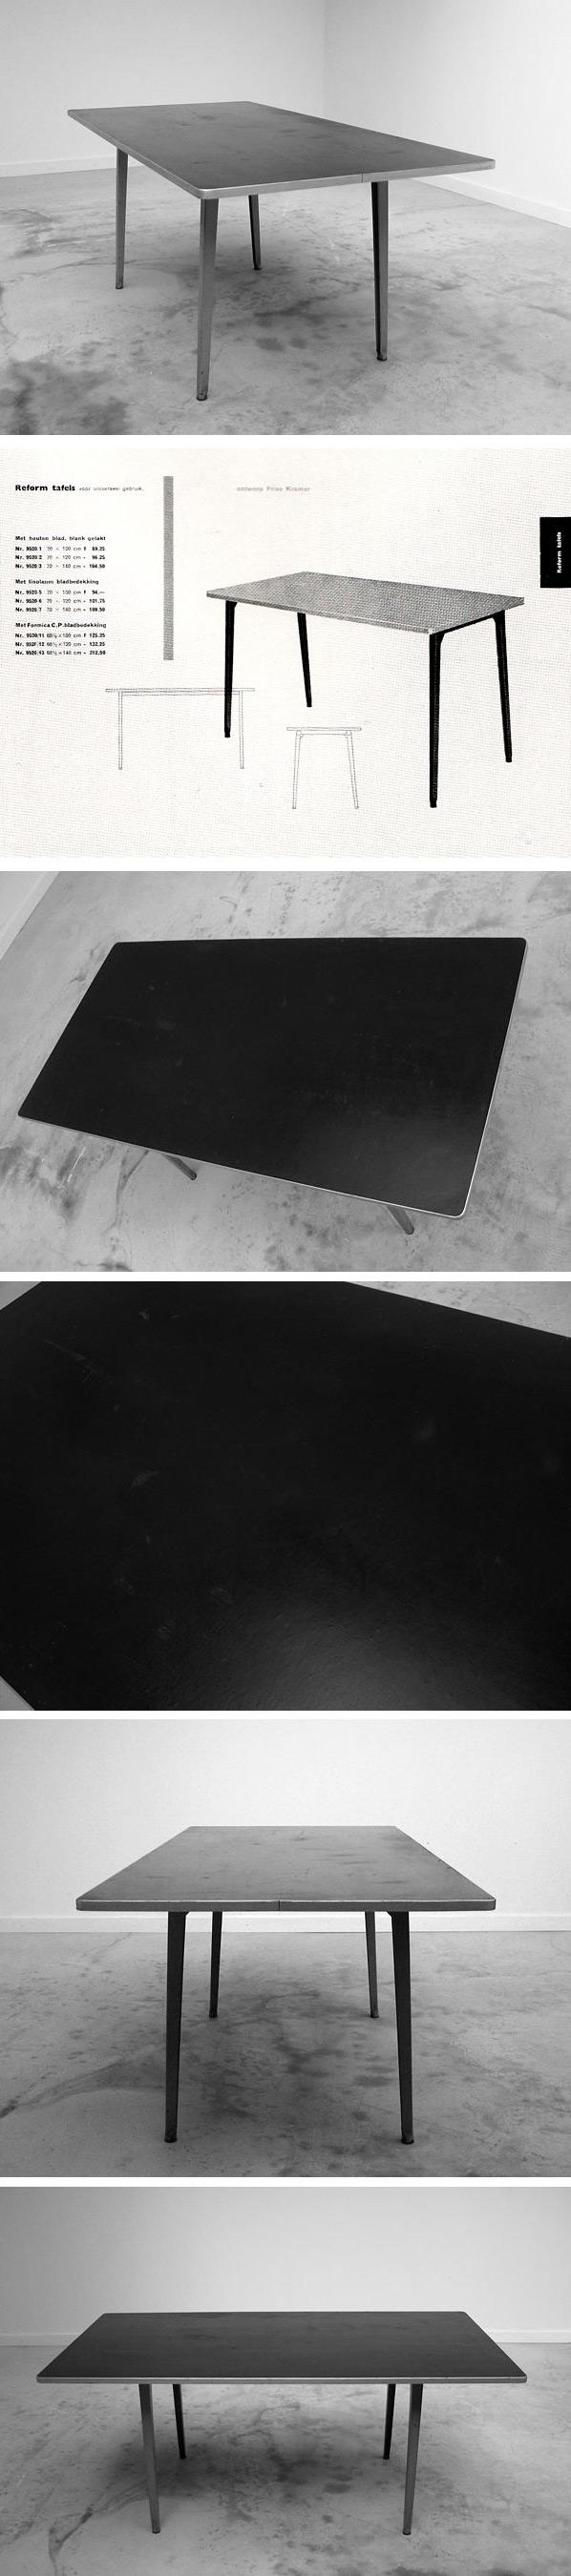 Industrial design Friso Kramer Reform table 1955 Large